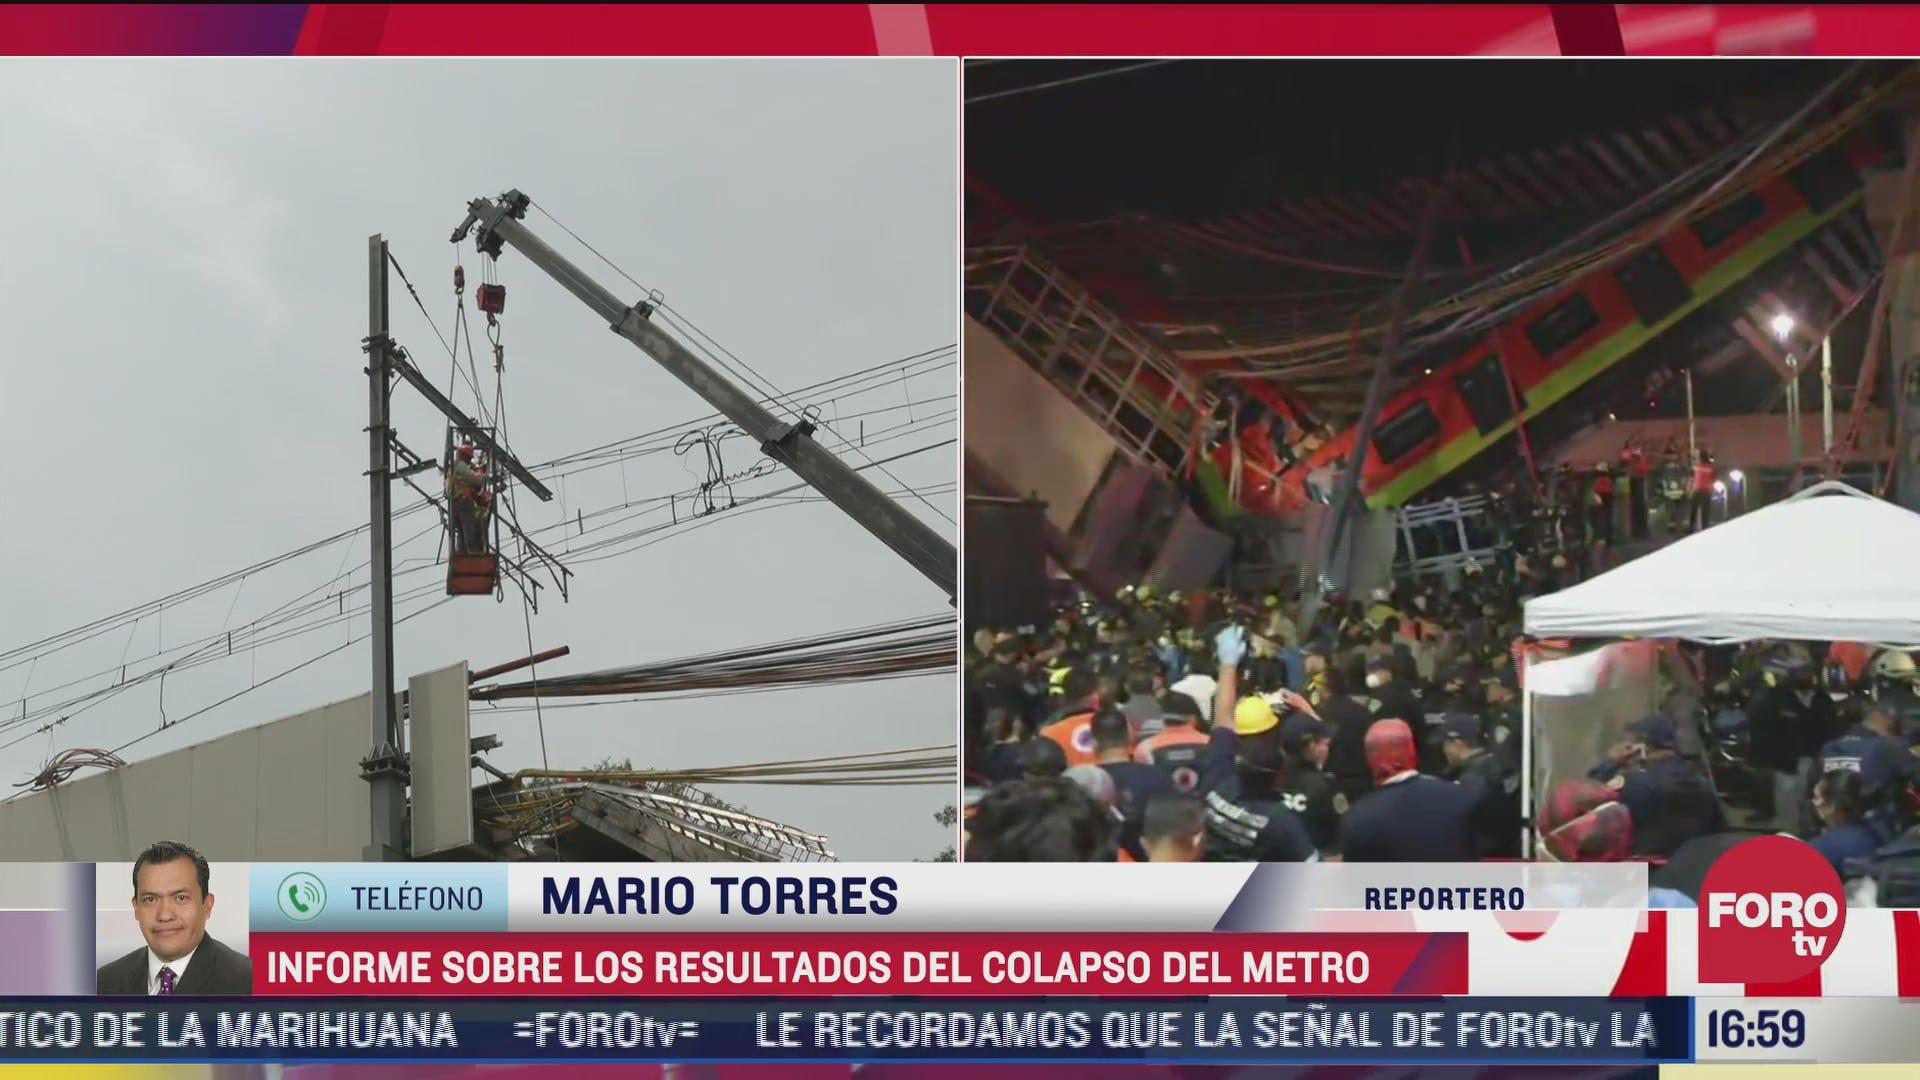 fiscalia de cdmx da informe sobre resultados del colapso de la l12 del metro